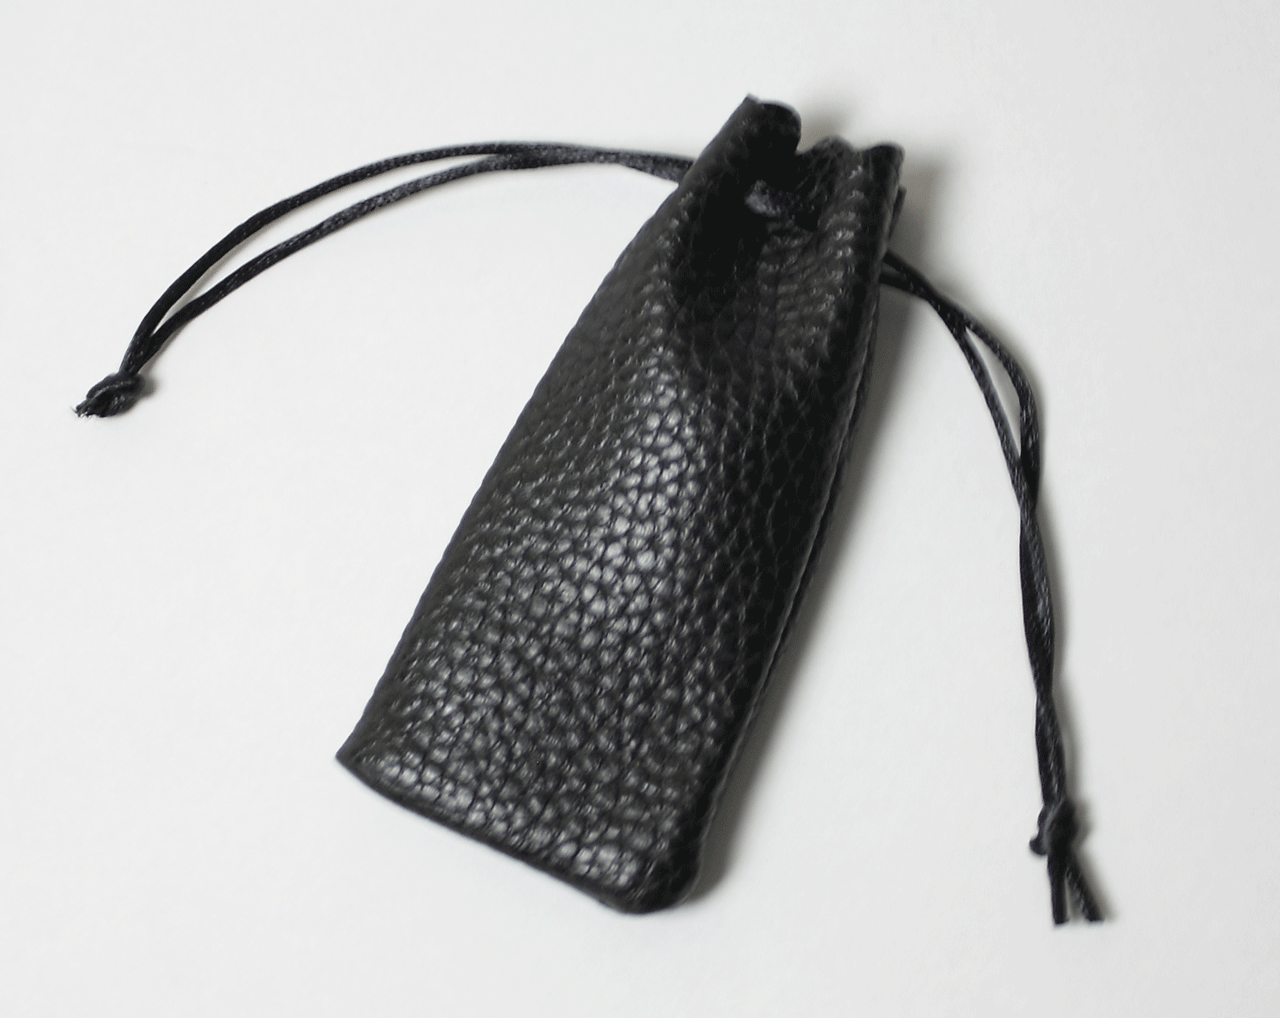 個人認印 オランダ水牛(寸胴) 15.0mm